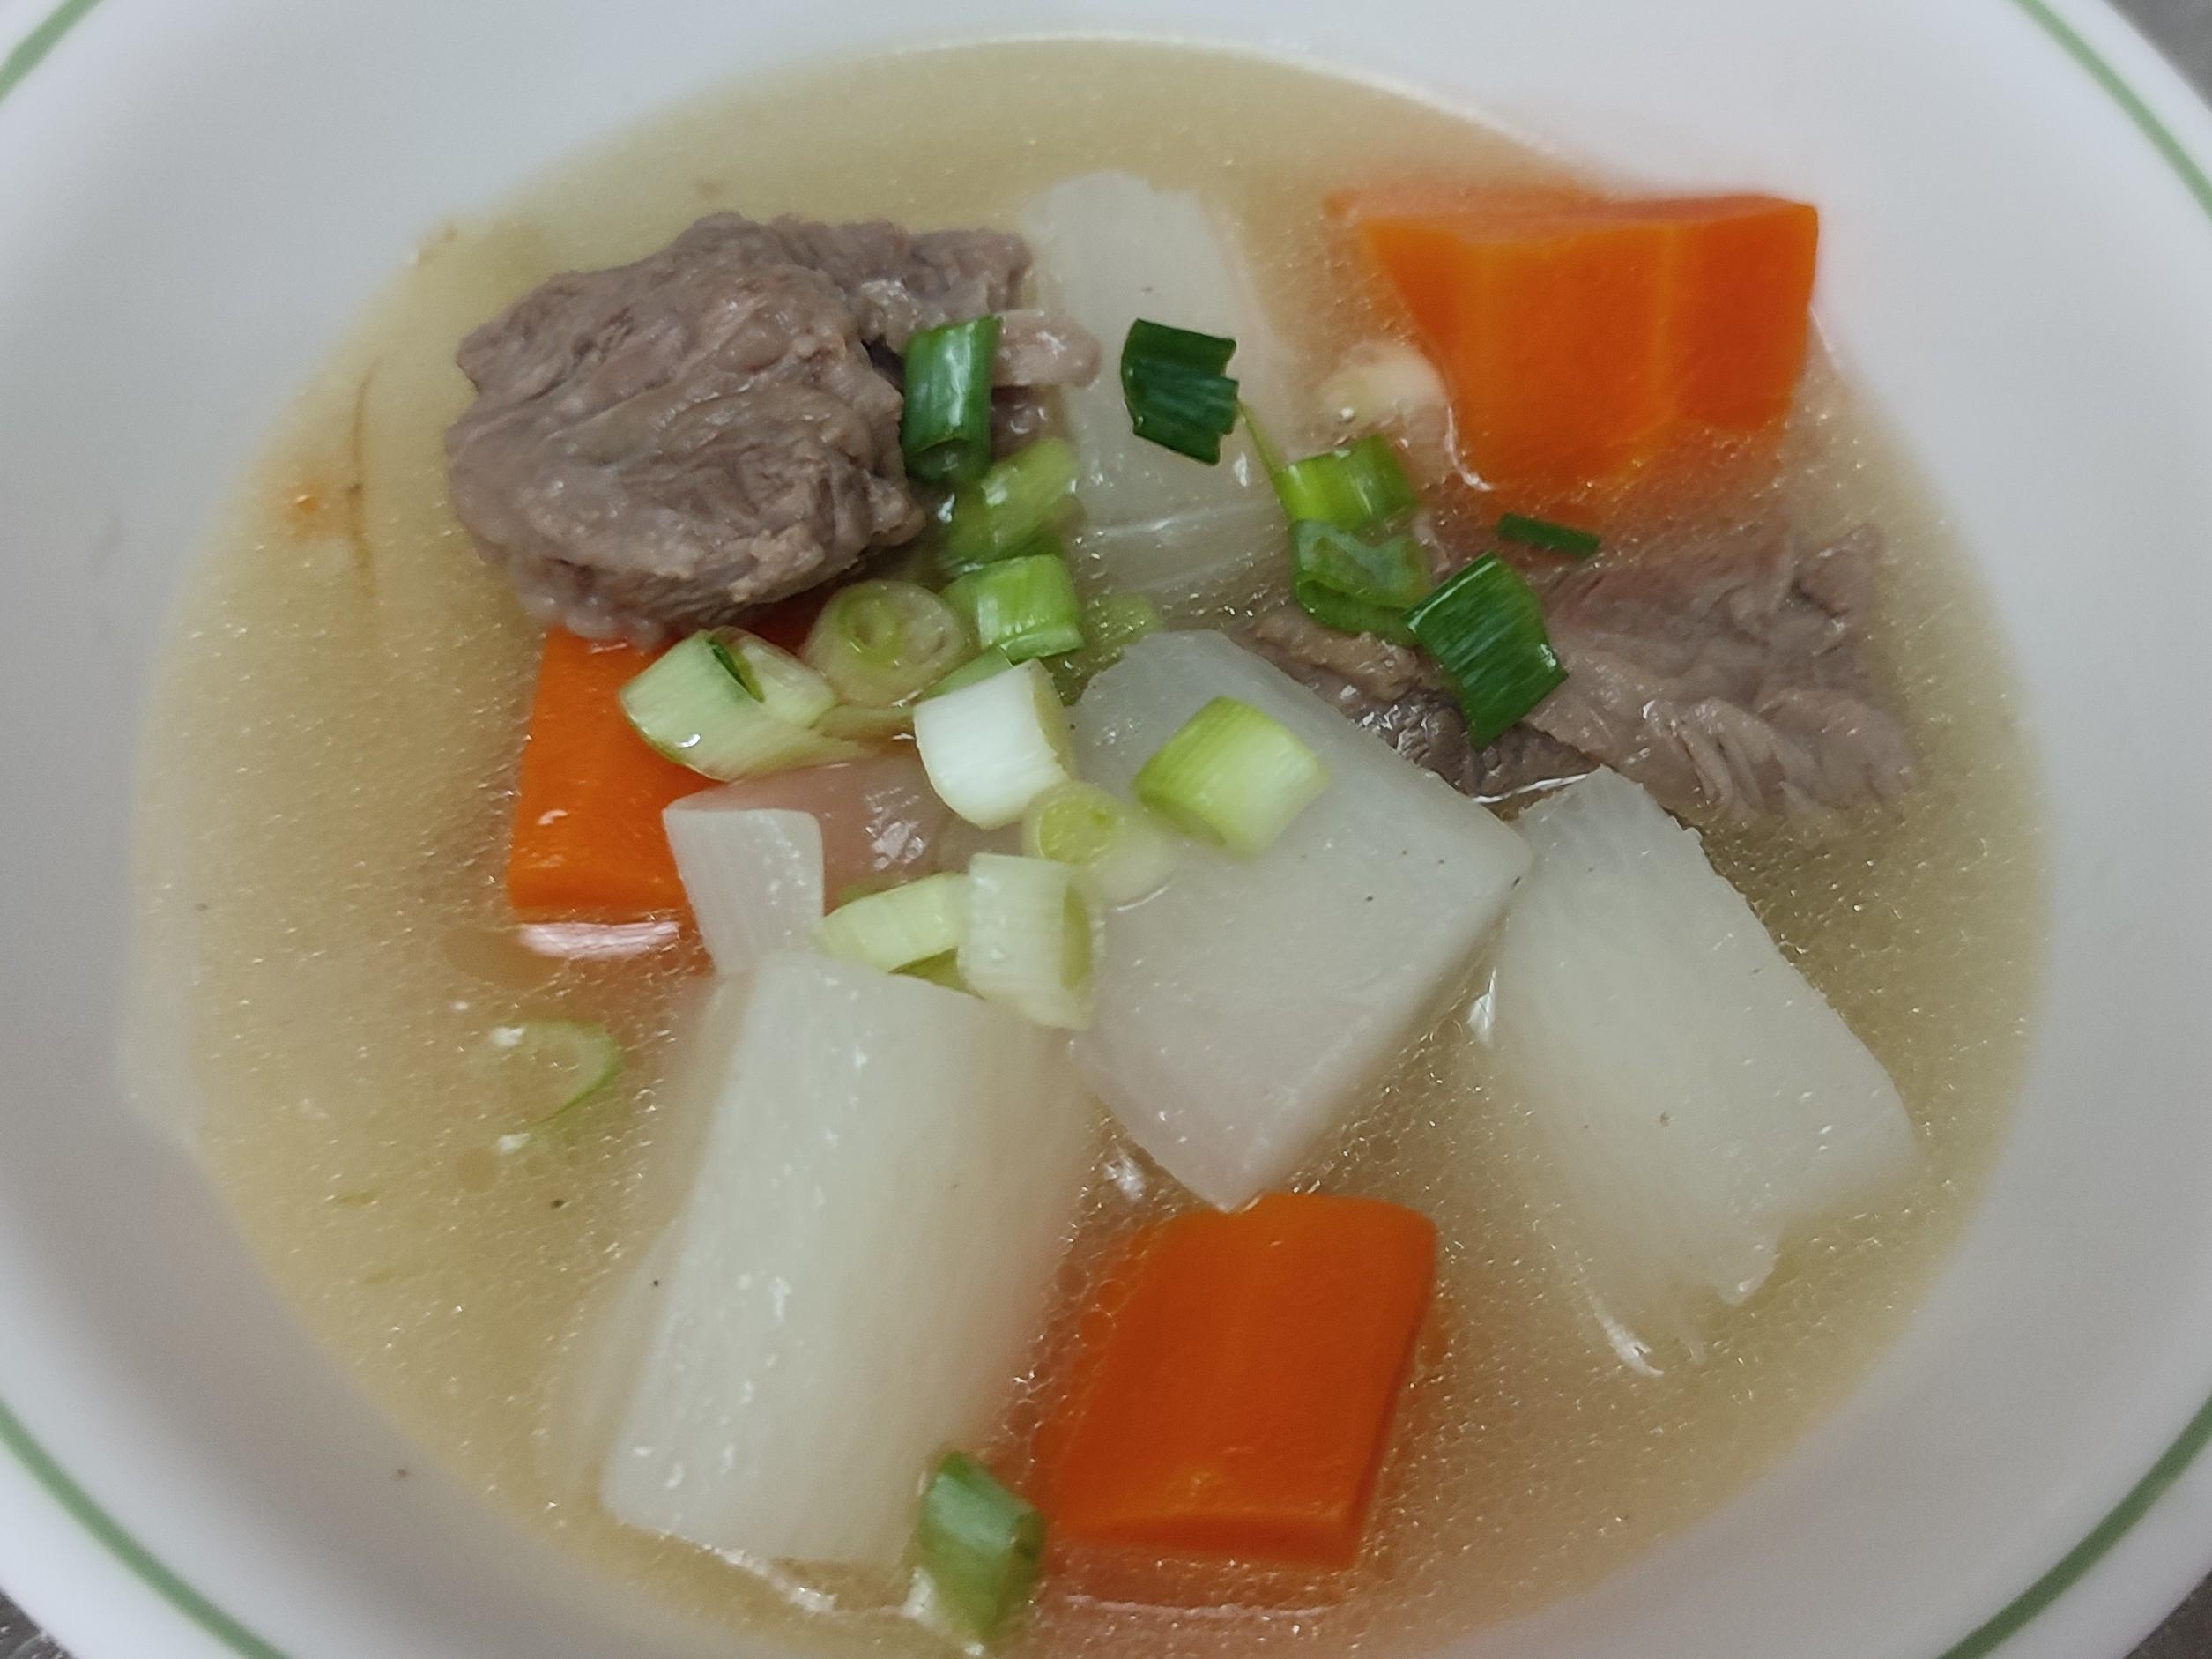 清燉牛肉 一鍋清爽又適合夏天的牛料理